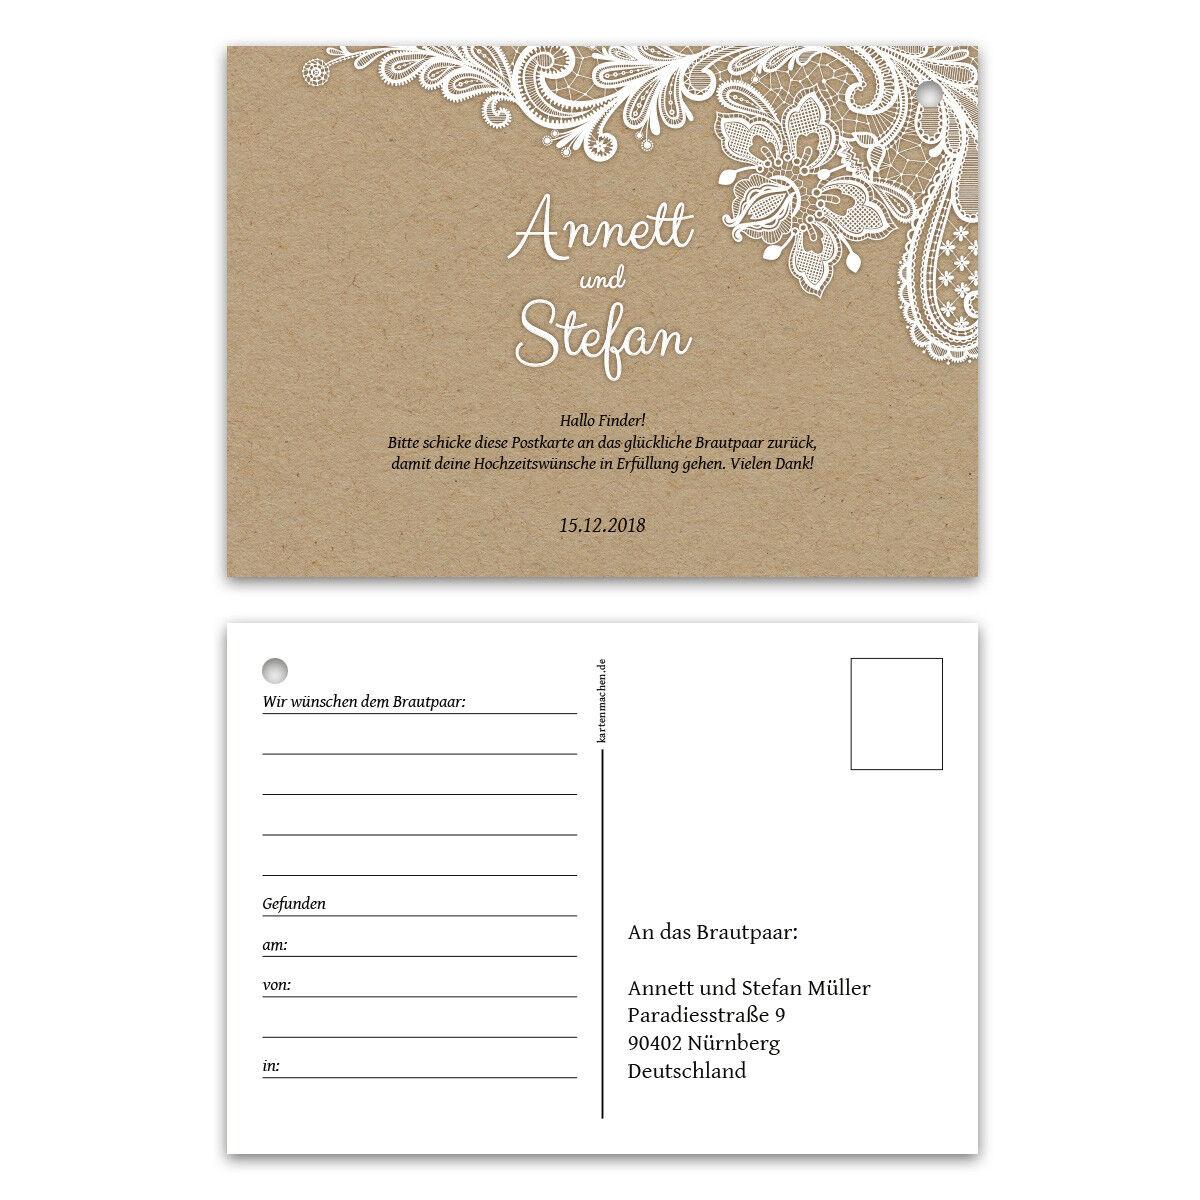 Ballonkarten Hochzeit extra leichte Ballonflugkarten - Rustikal Kraftpapier Look